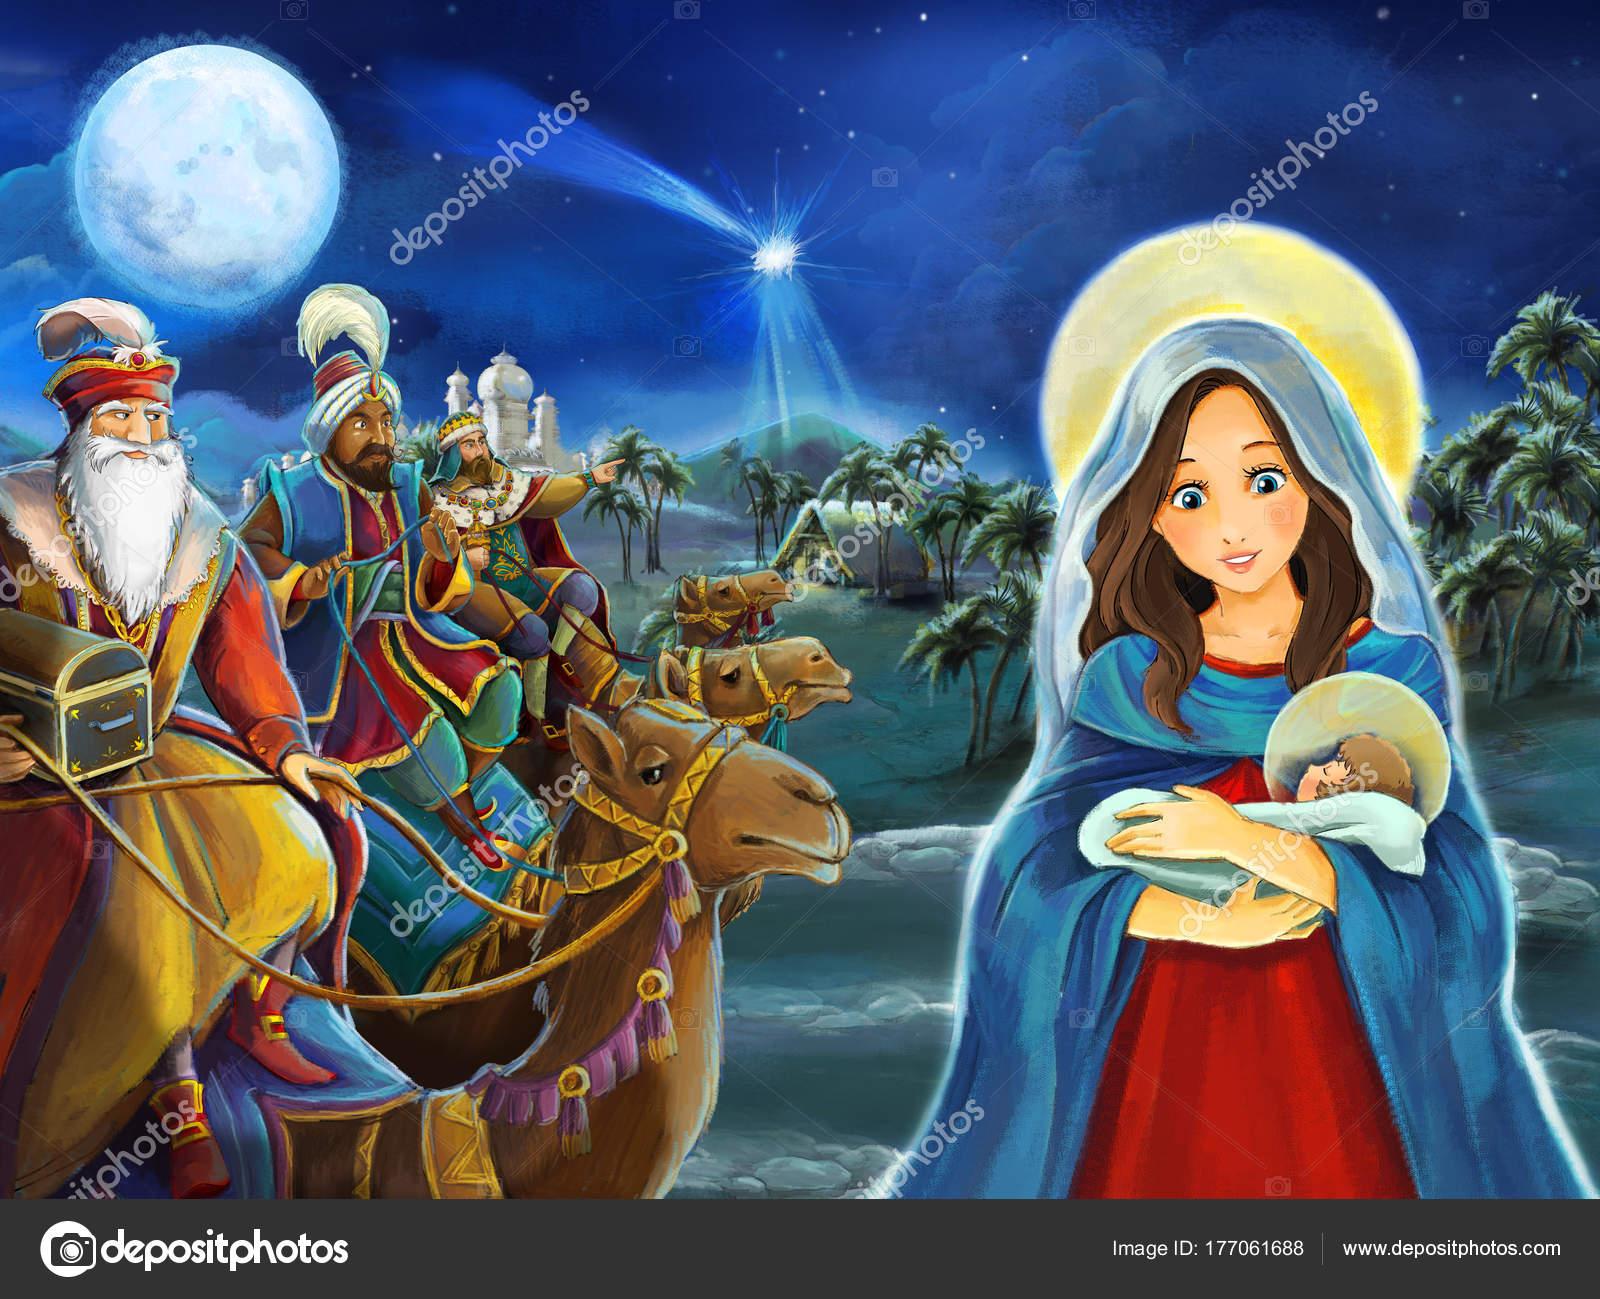 Imágenes Jesus Y Maria Para Descargar Escena Dibujos Animados Con